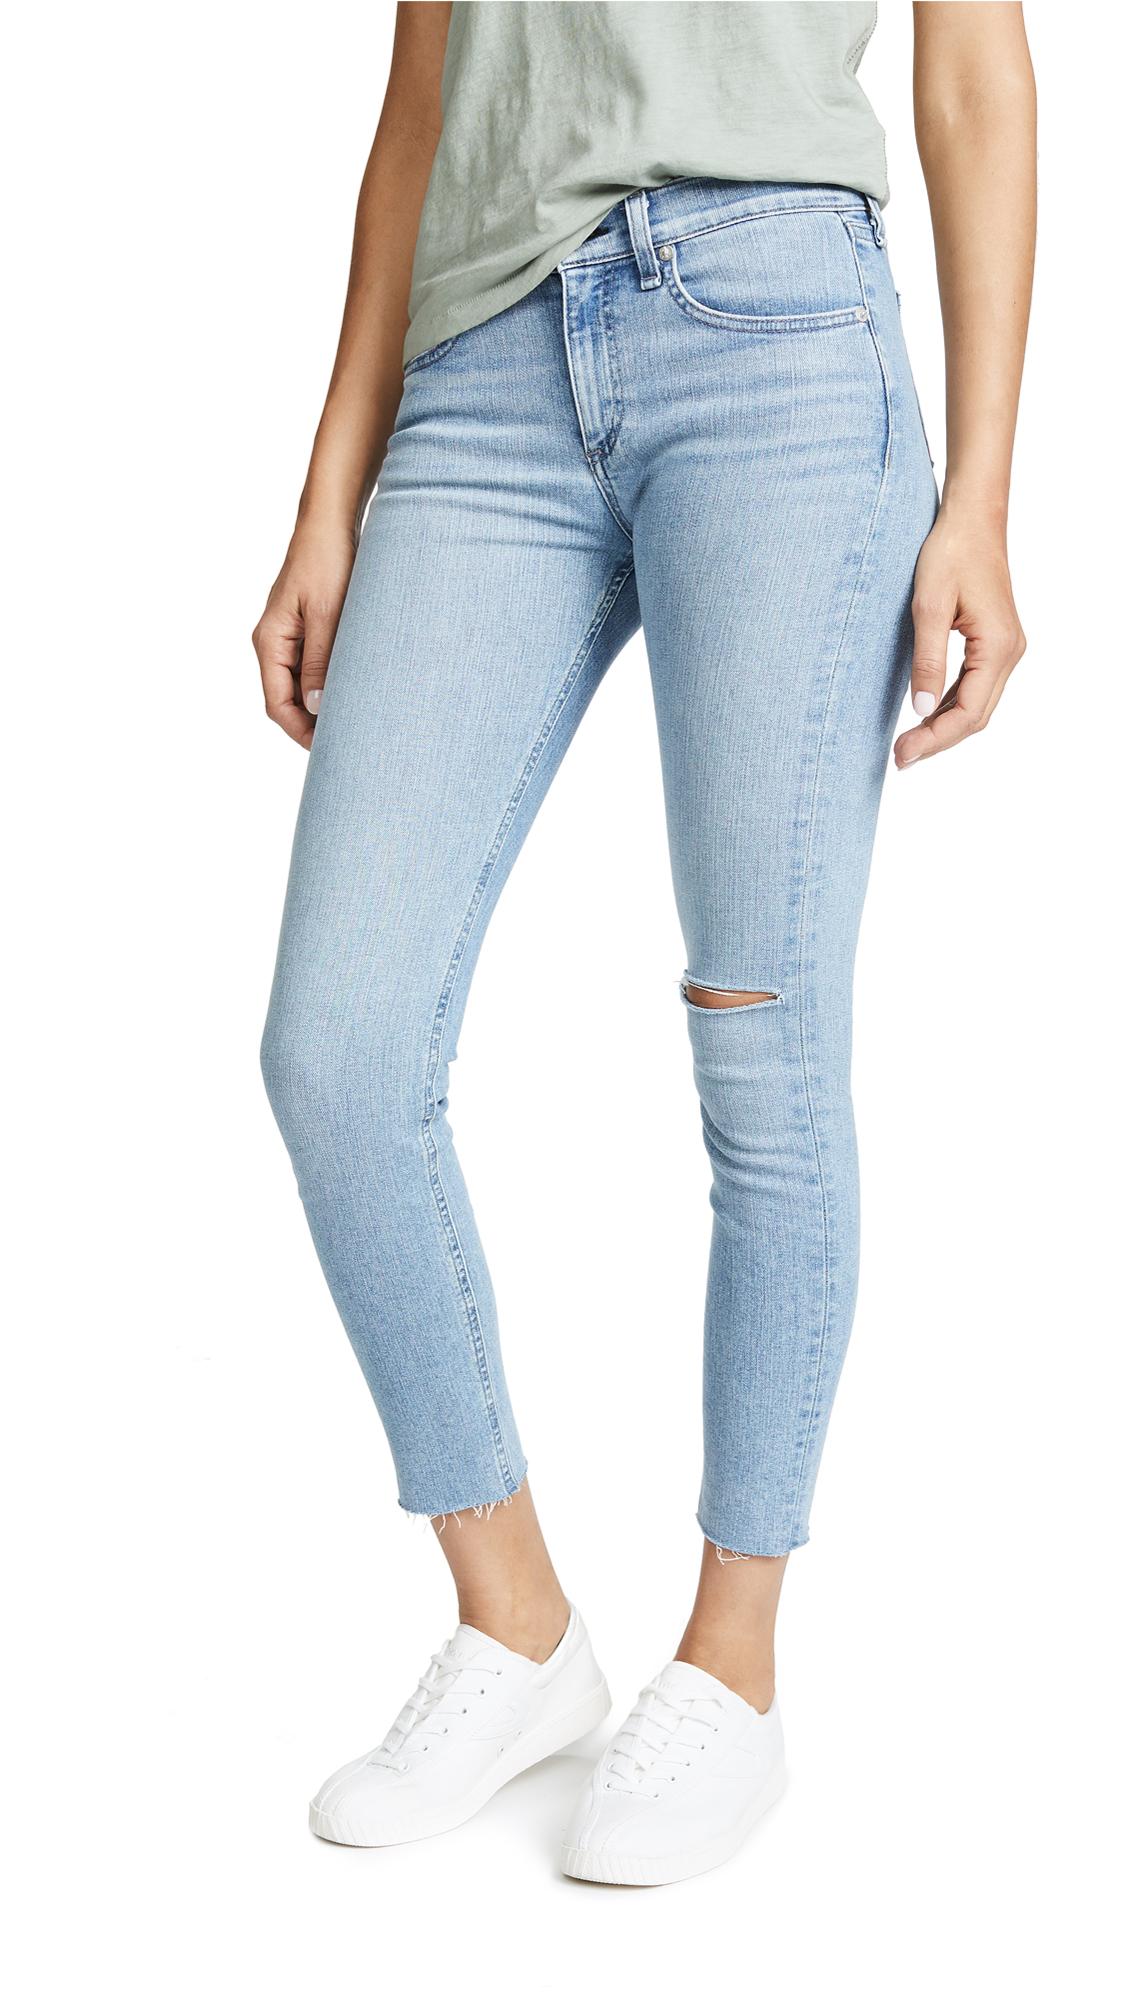 Rag & Bone/JEAN Ankle Skinny Jeans In Lena